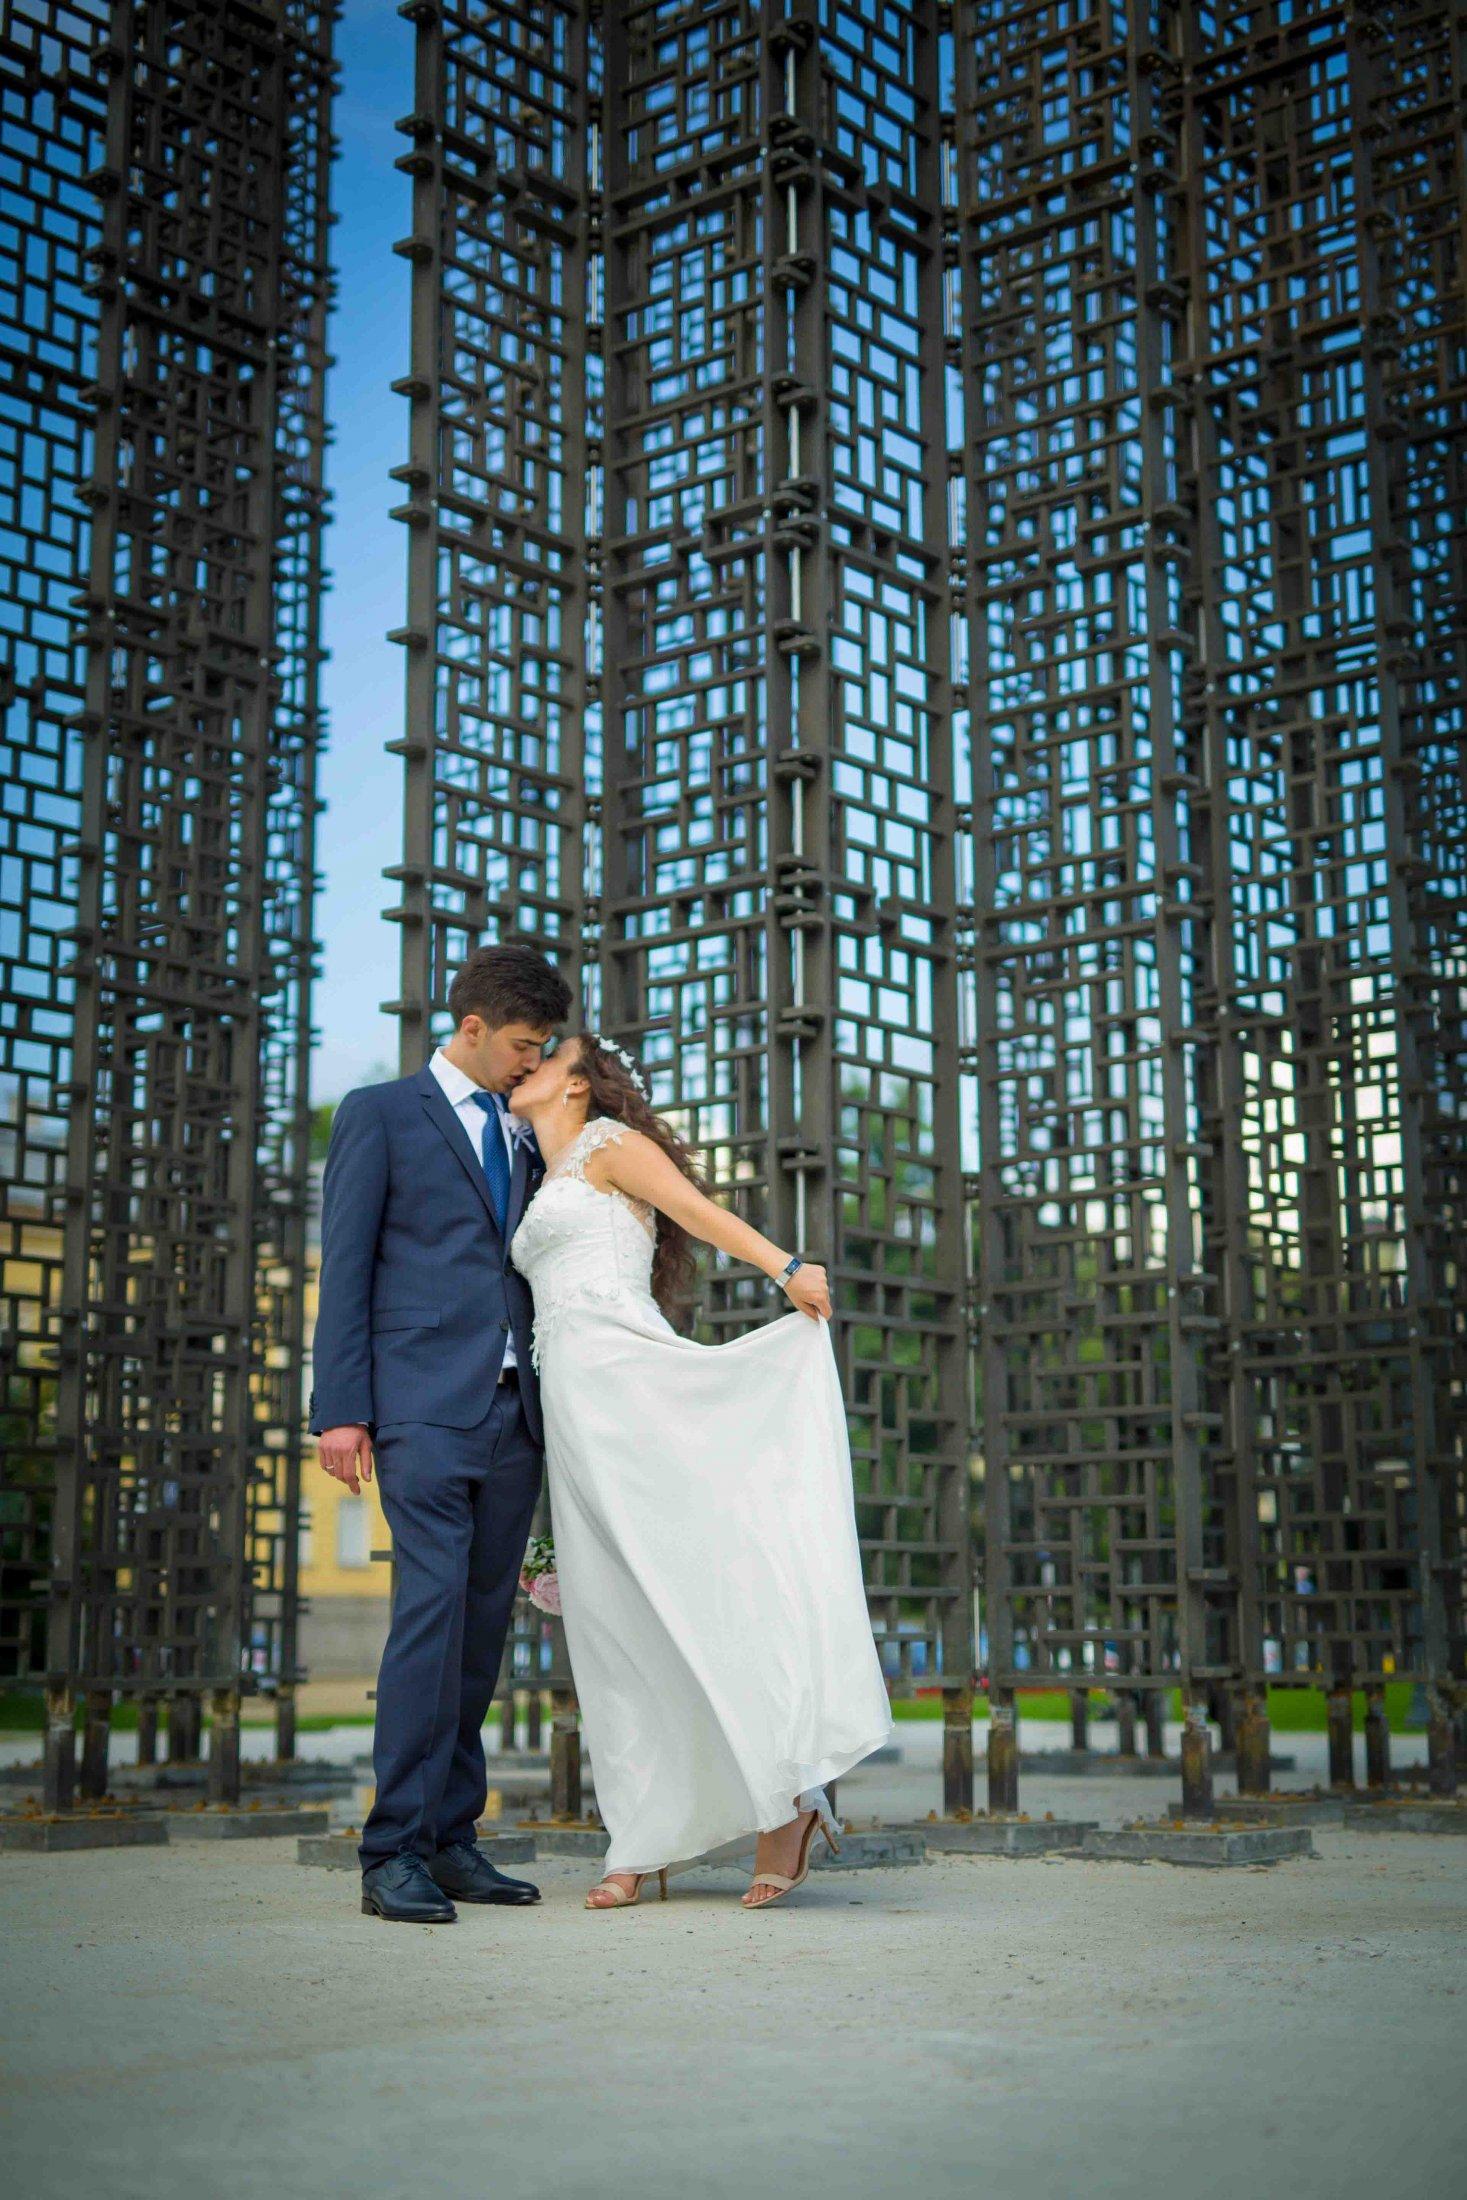 Сватбена фотография - Ники и Деси, София - сватбен фотограф Георги Матов студио Скайвю, Пловдив